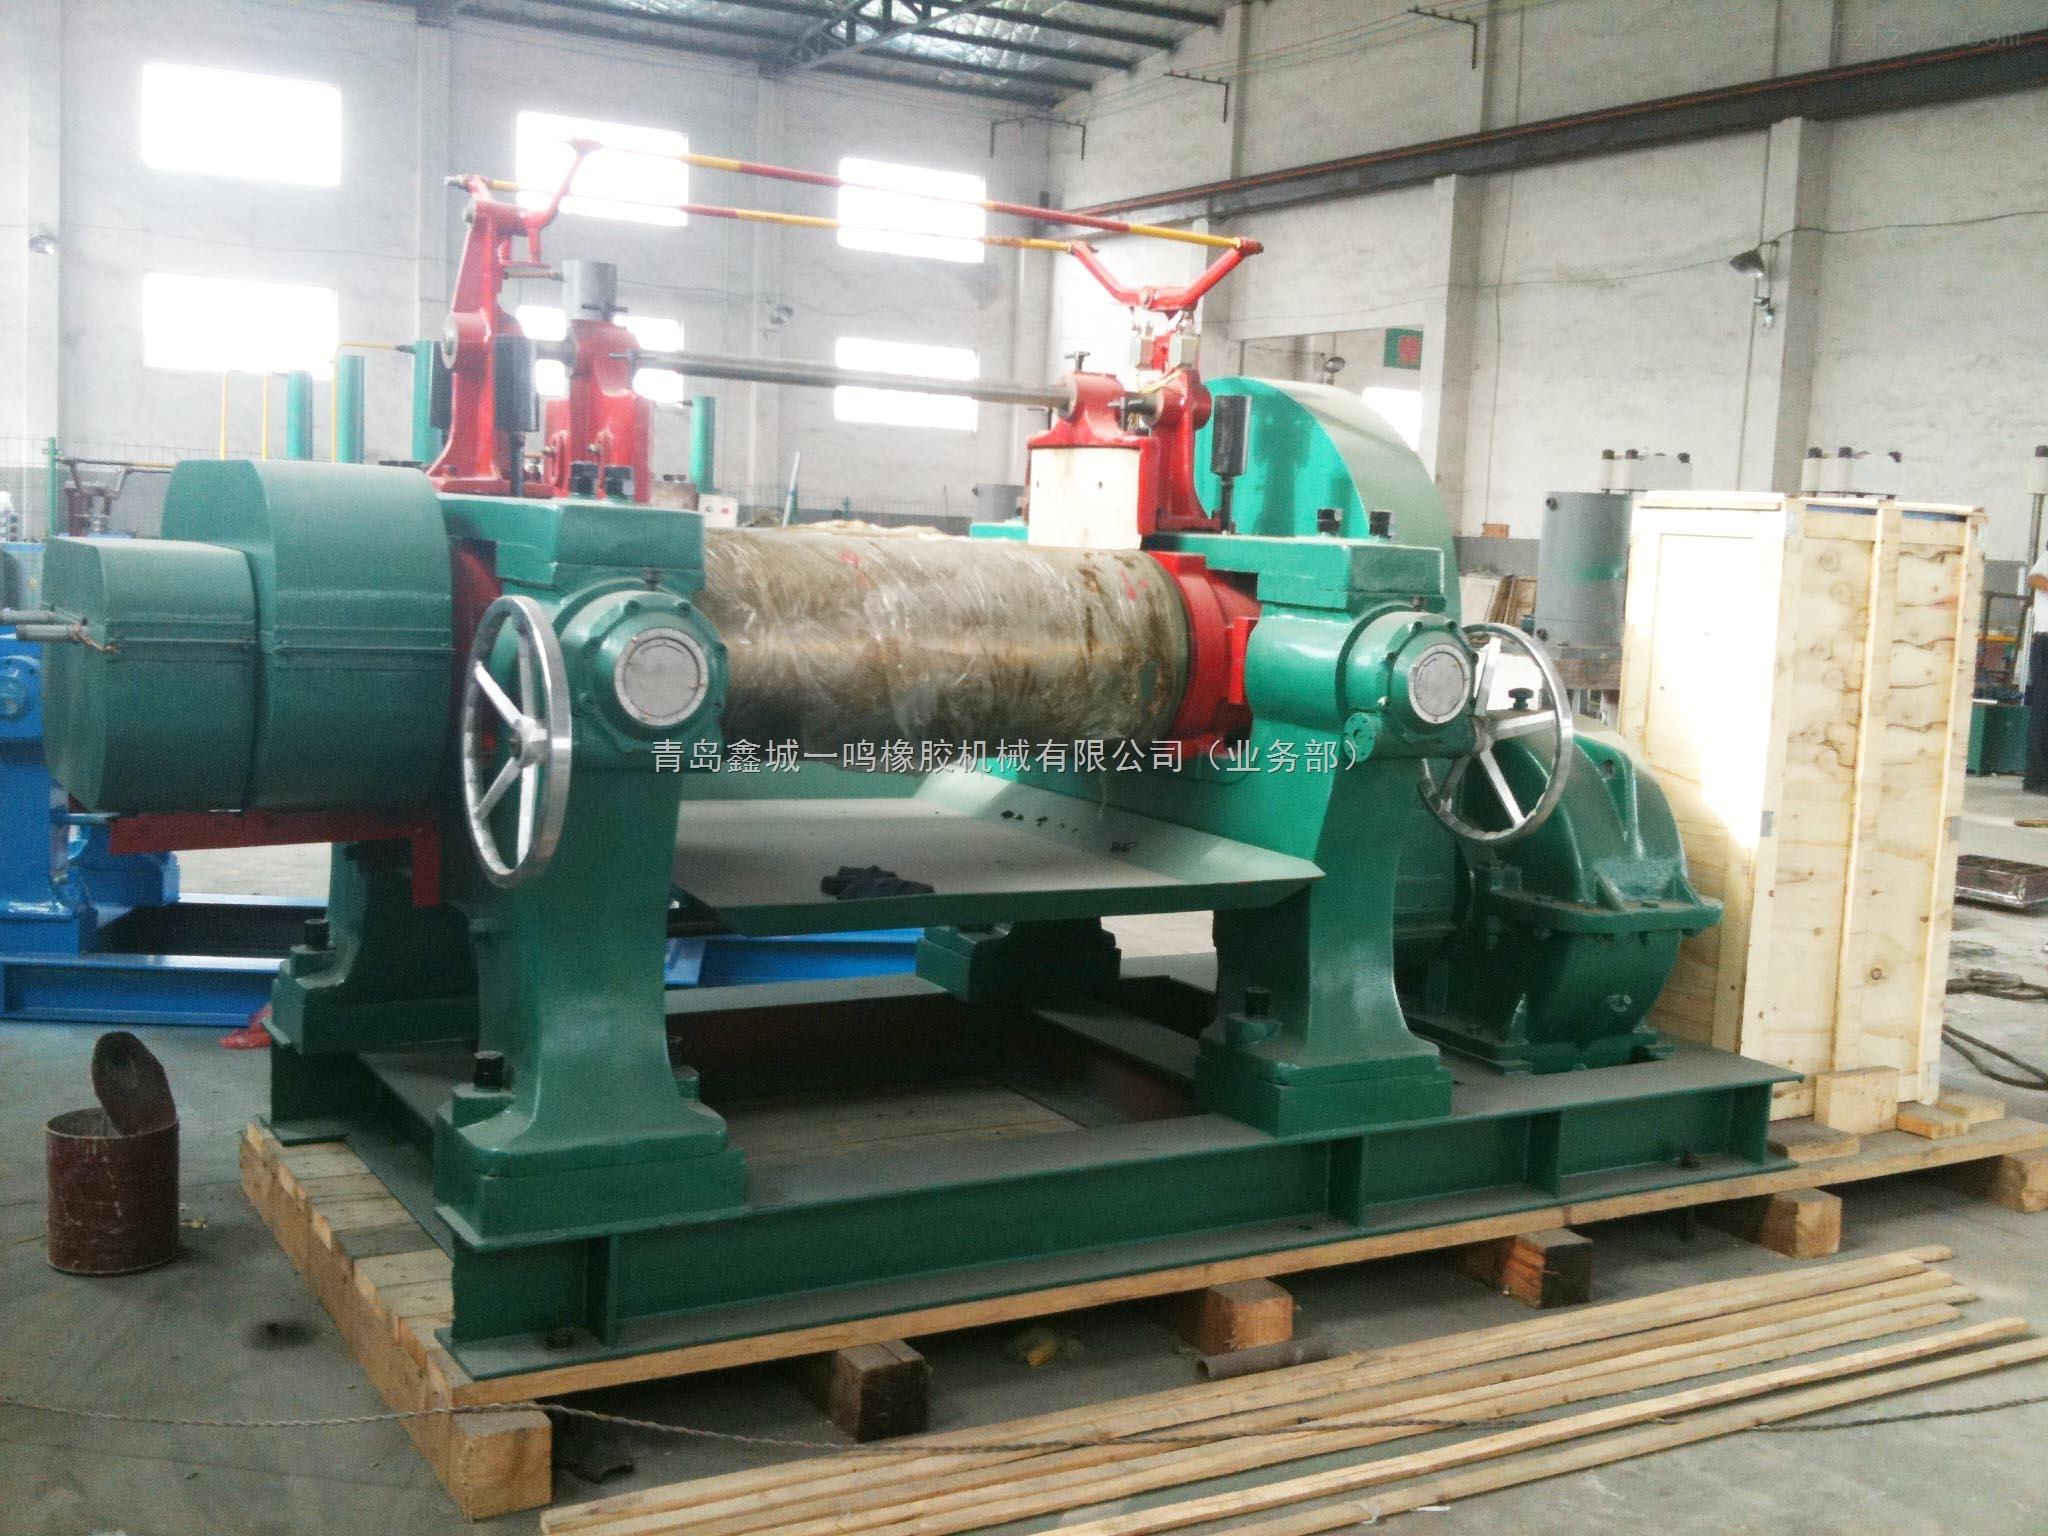 开放式炼胶机 引进韩国技术 新式开放式炼胶机